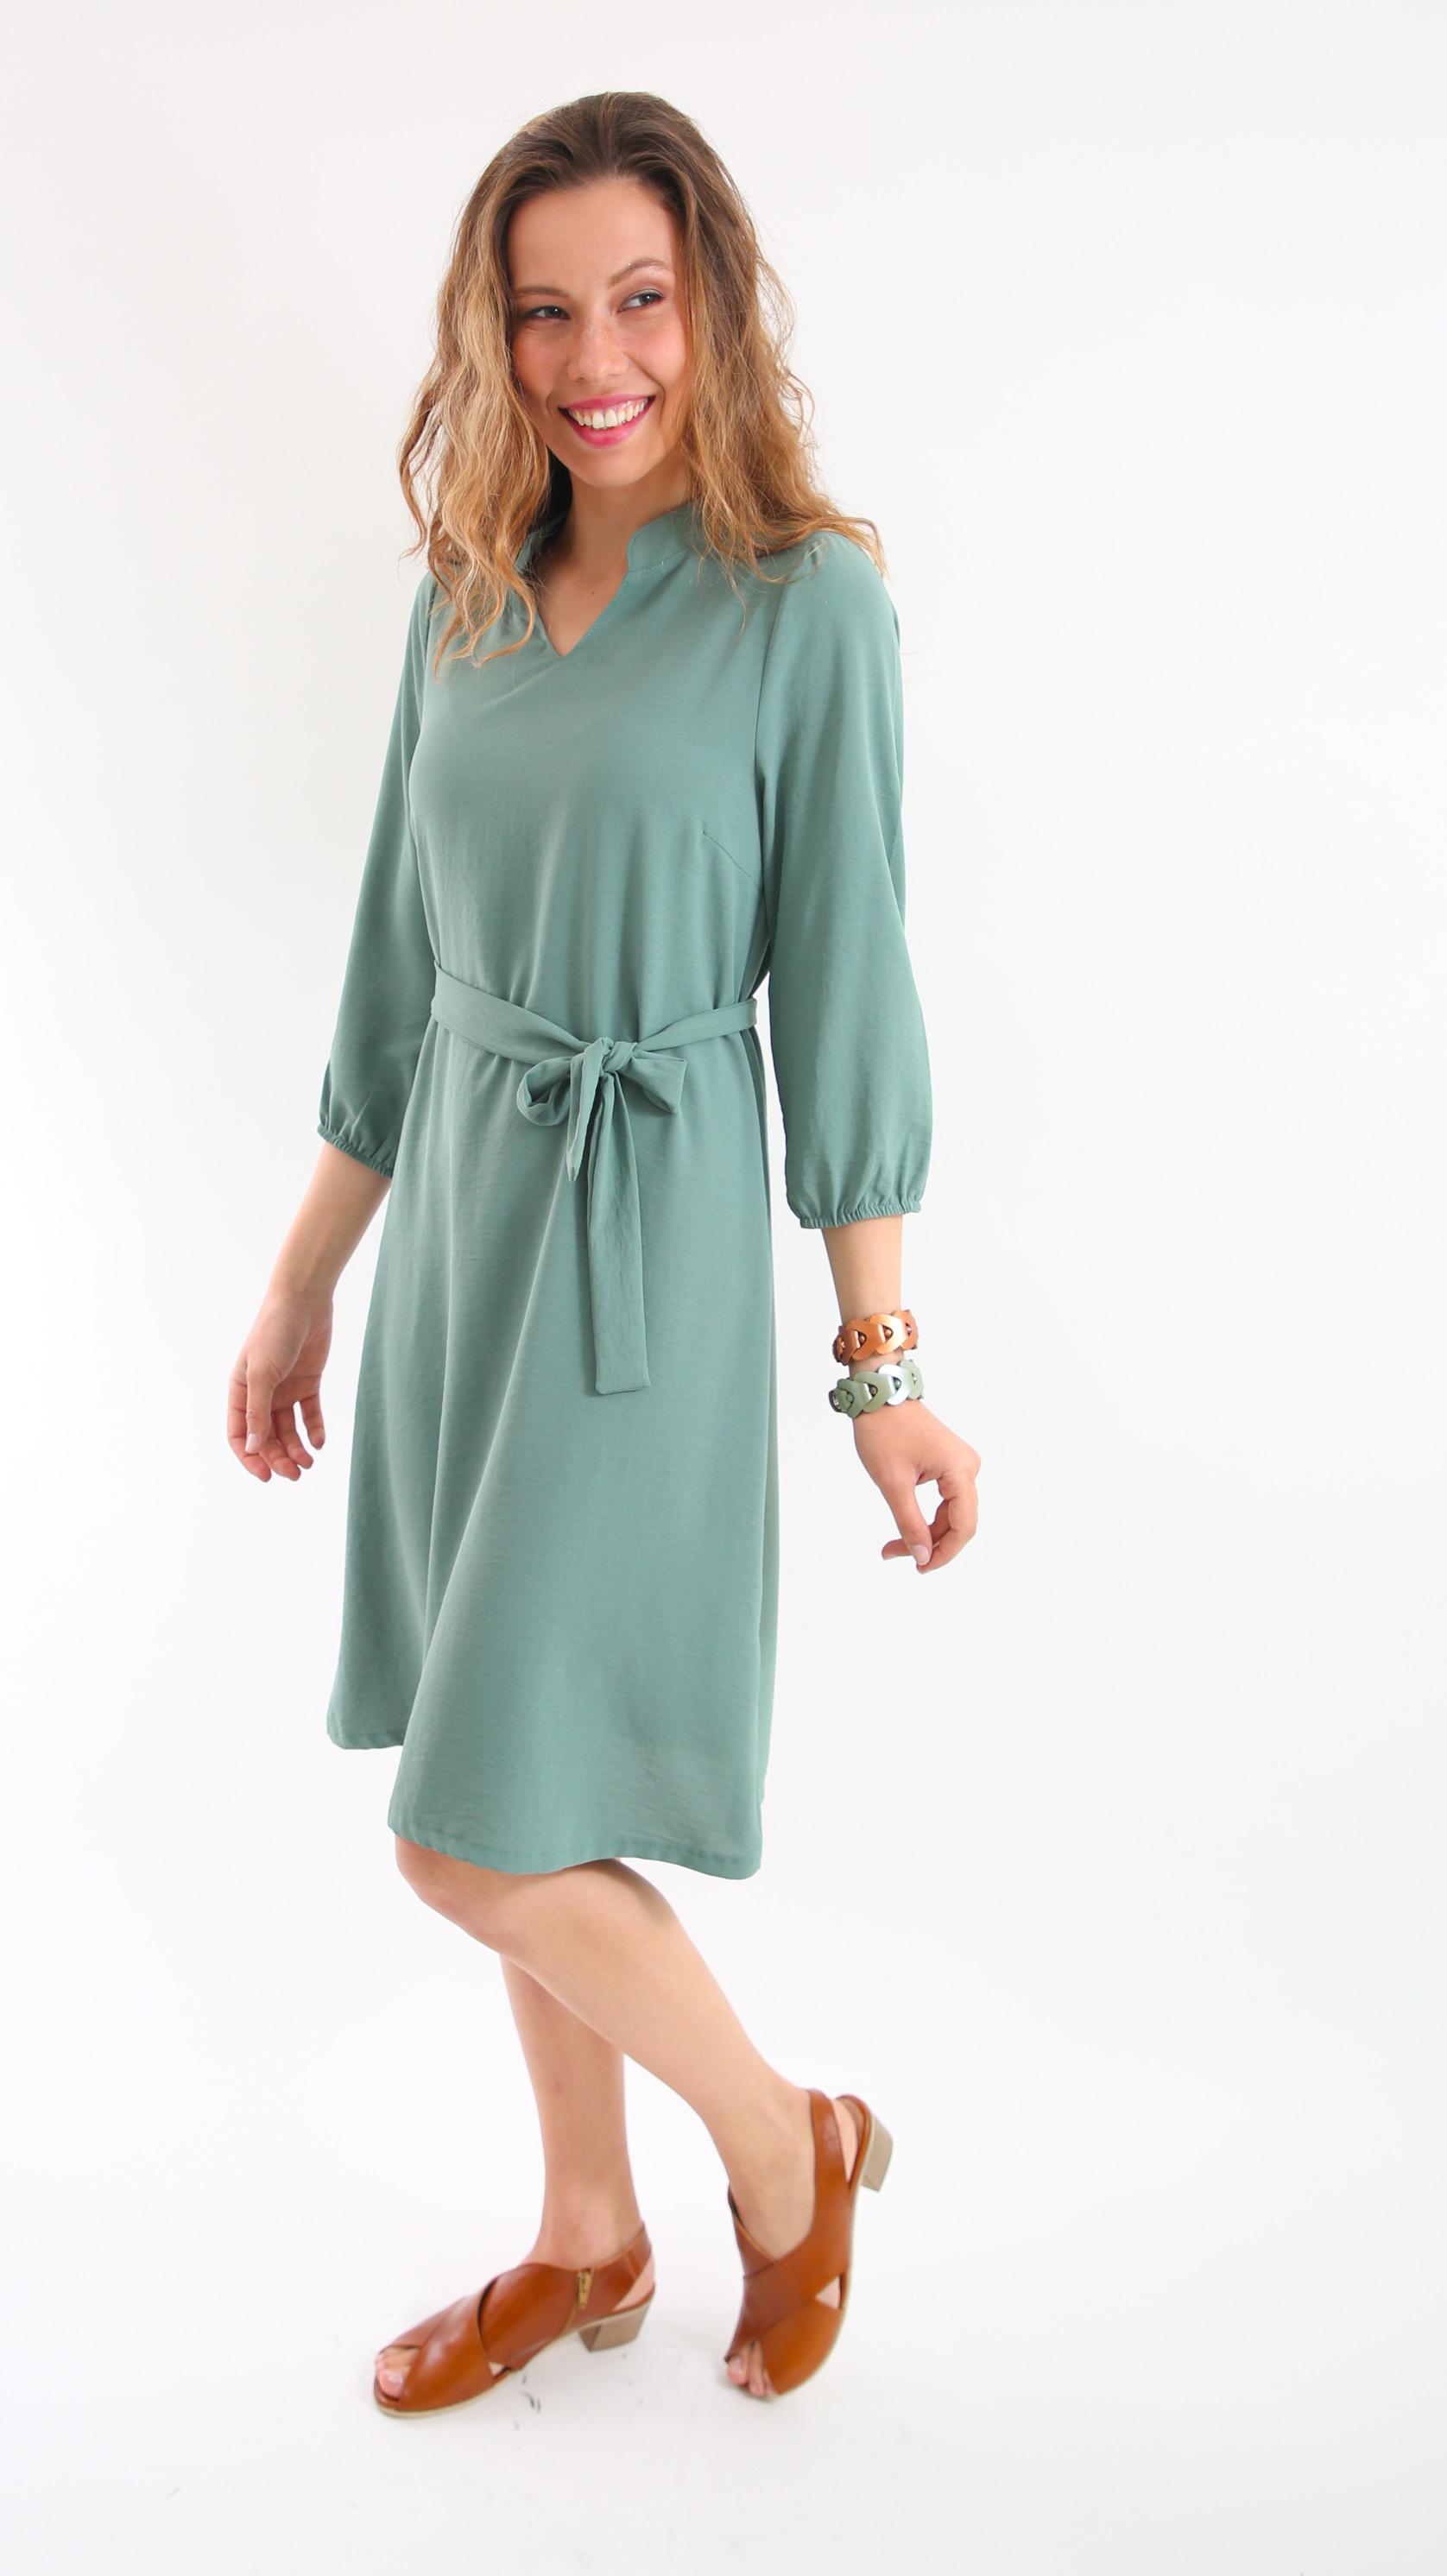 שמלת עירית ירוקה.